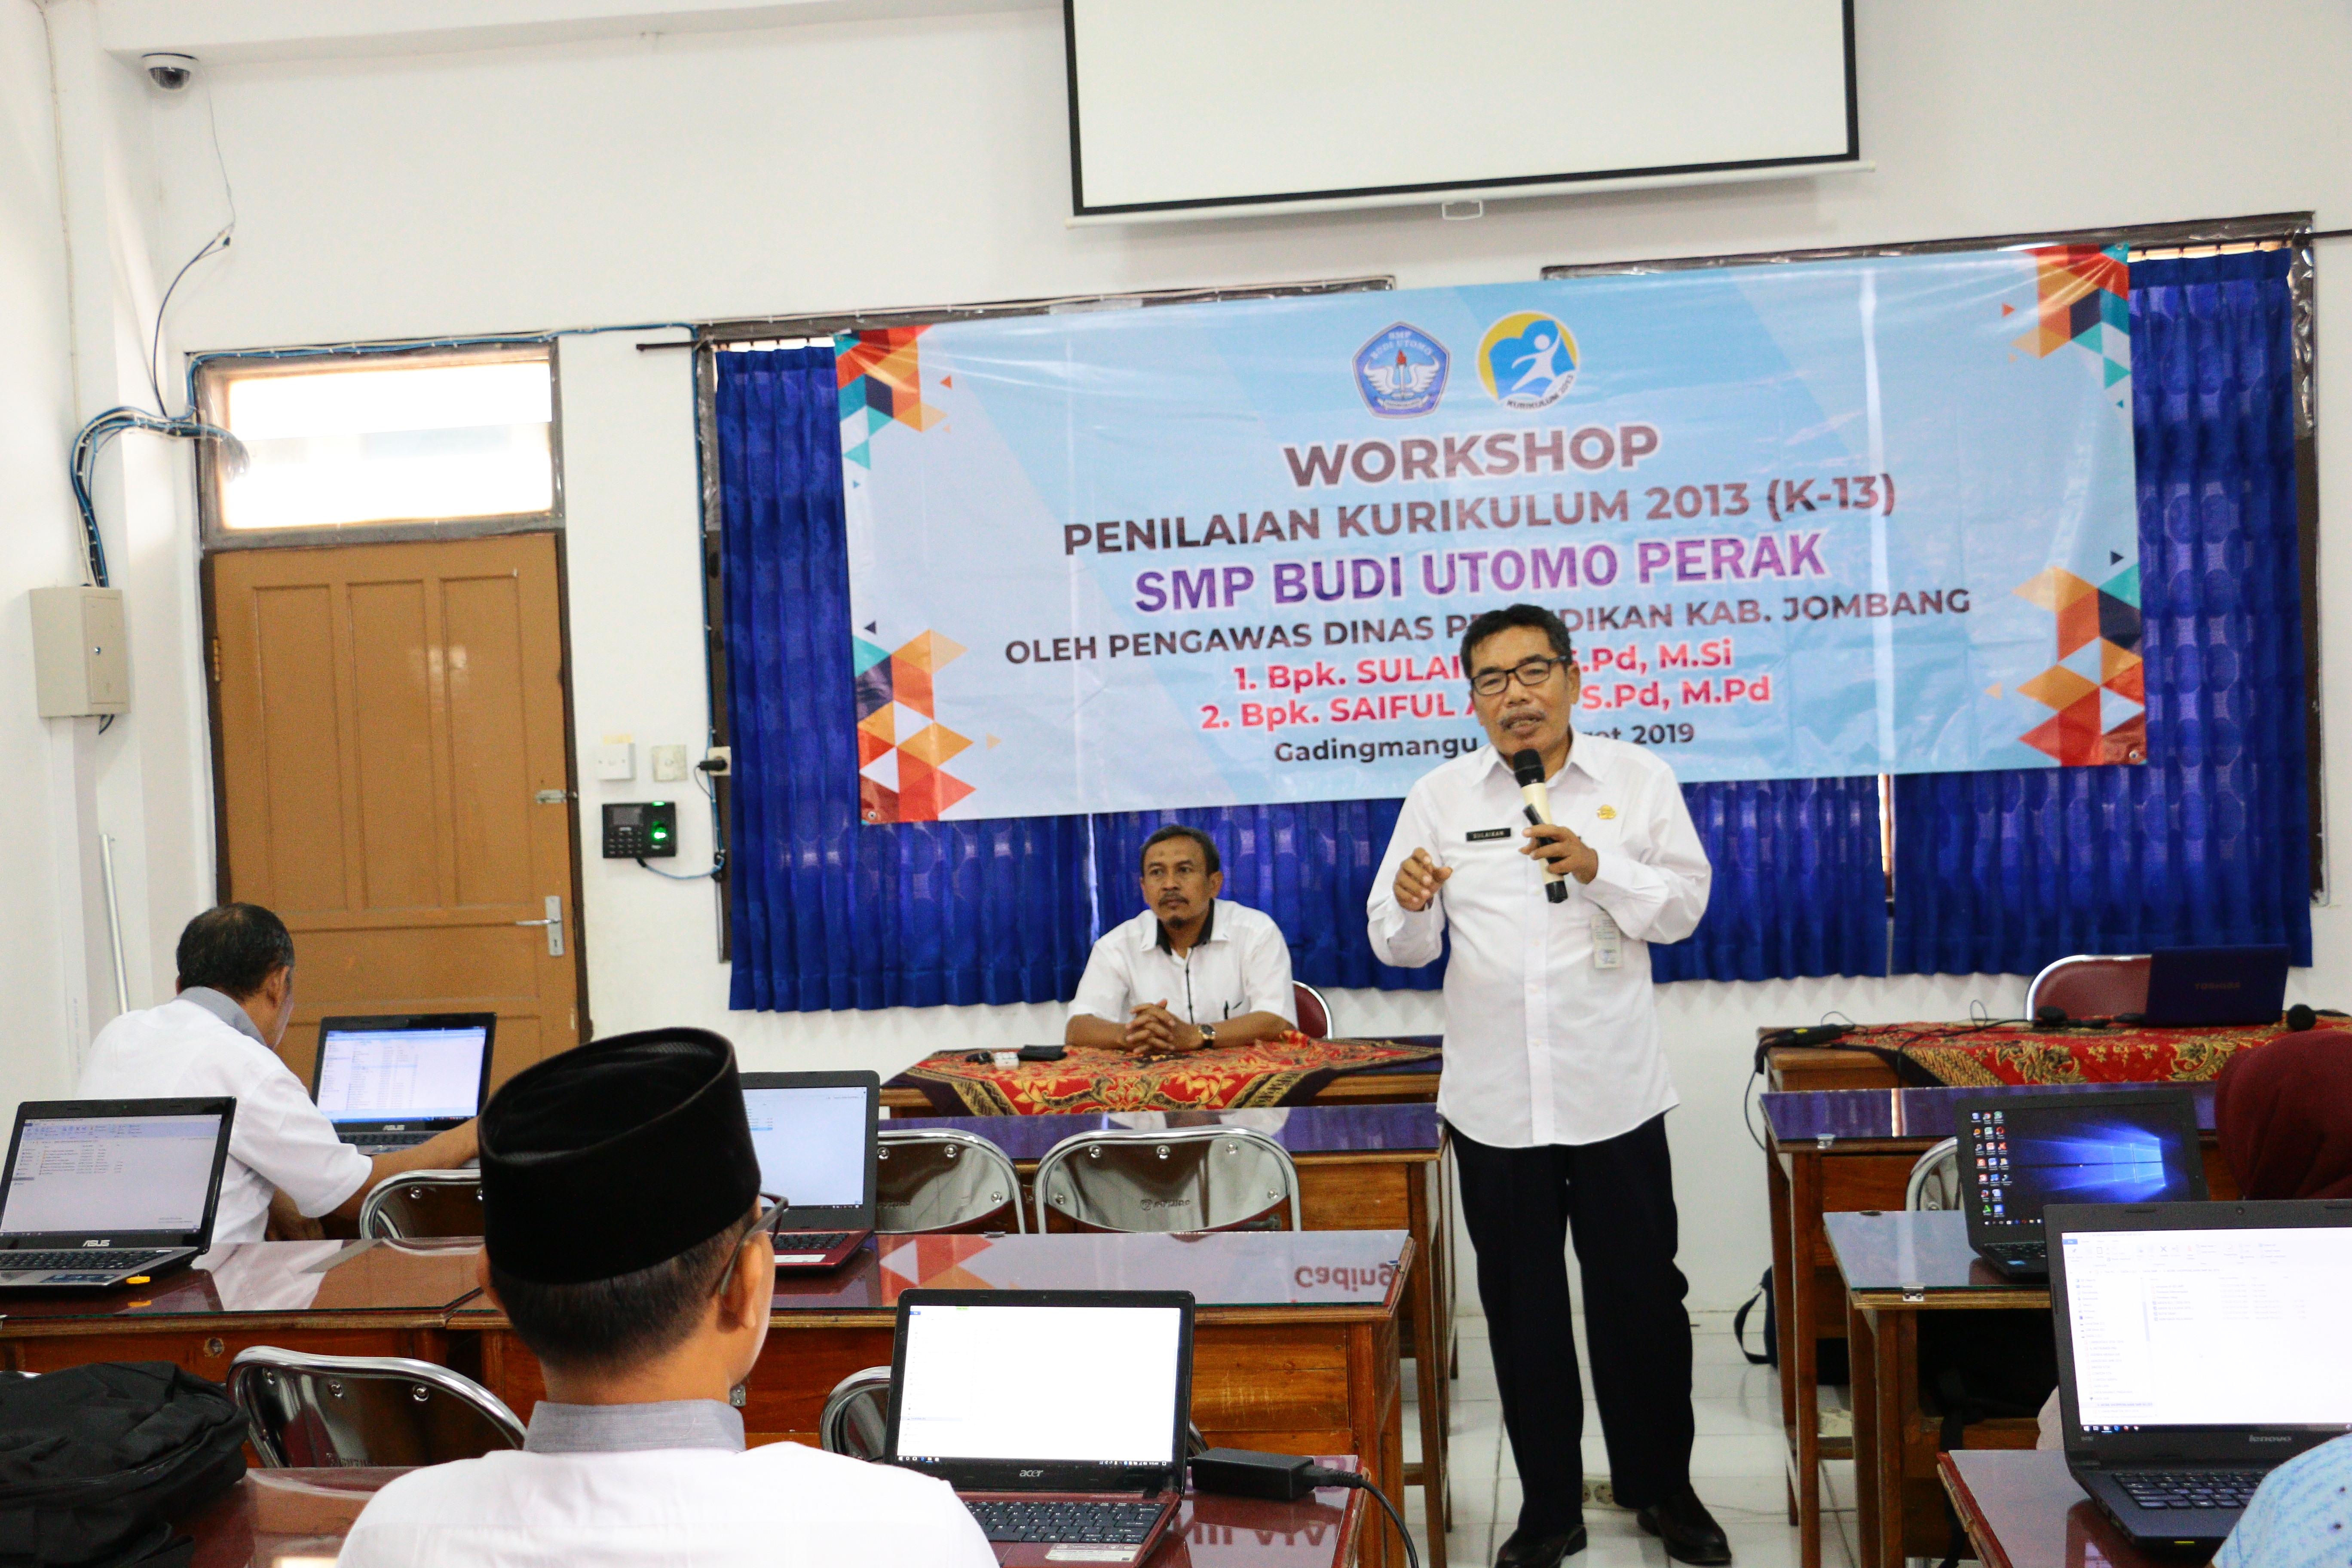 Workshop Penilaian Kurikulum Nasional Bagi Guru-guru SMP Budi Utomo Perak - Bapak Sulaikhan, S.Pd., M.Si.